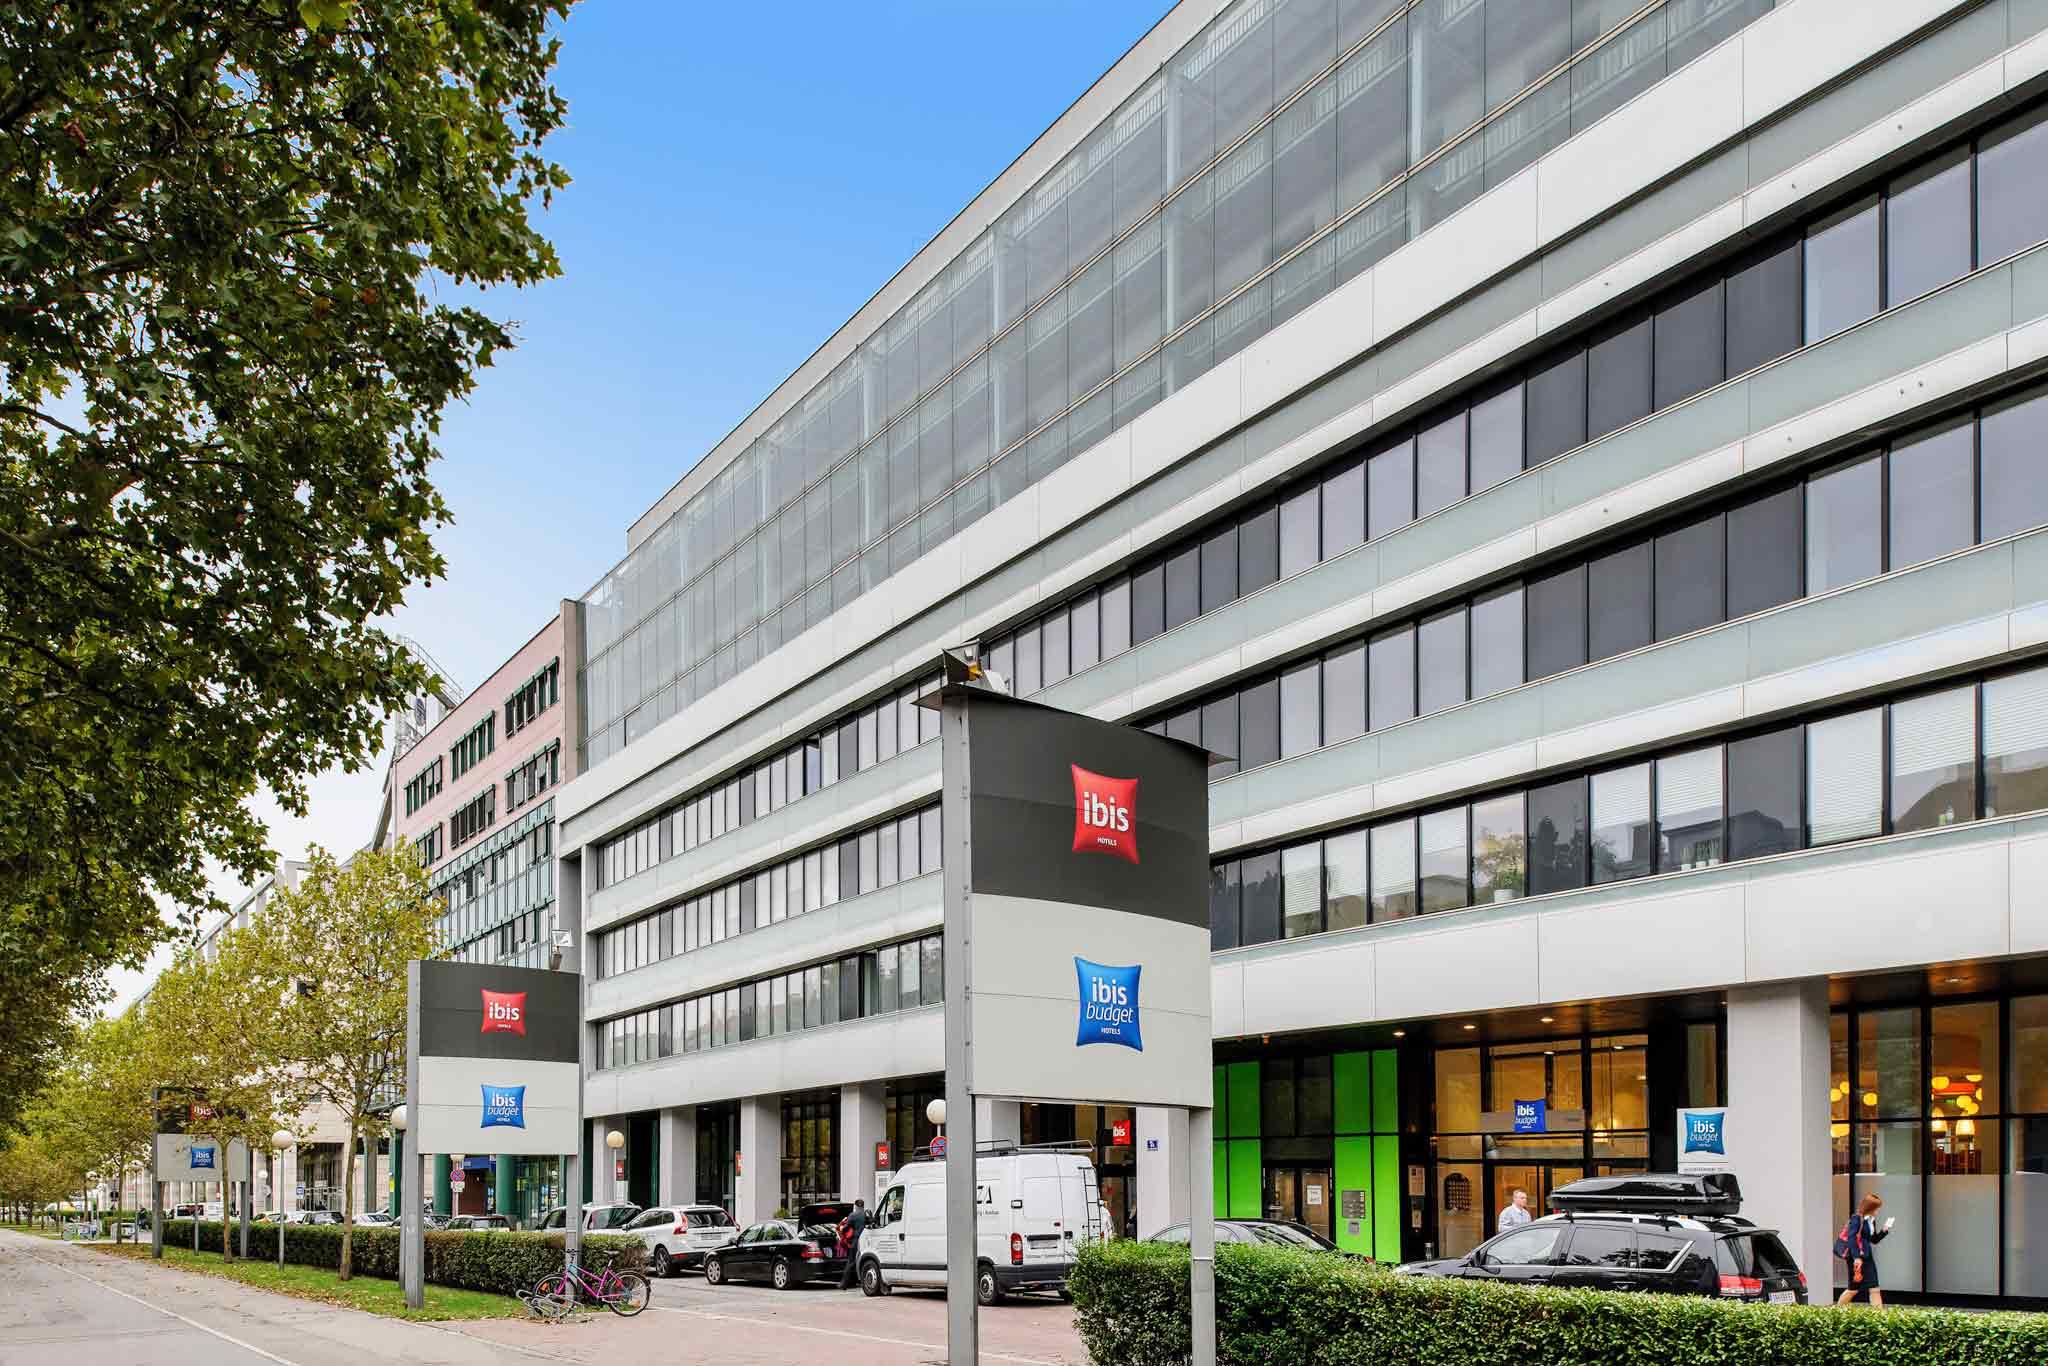 酒店 – ibis budget 维也纳会展中心酒店